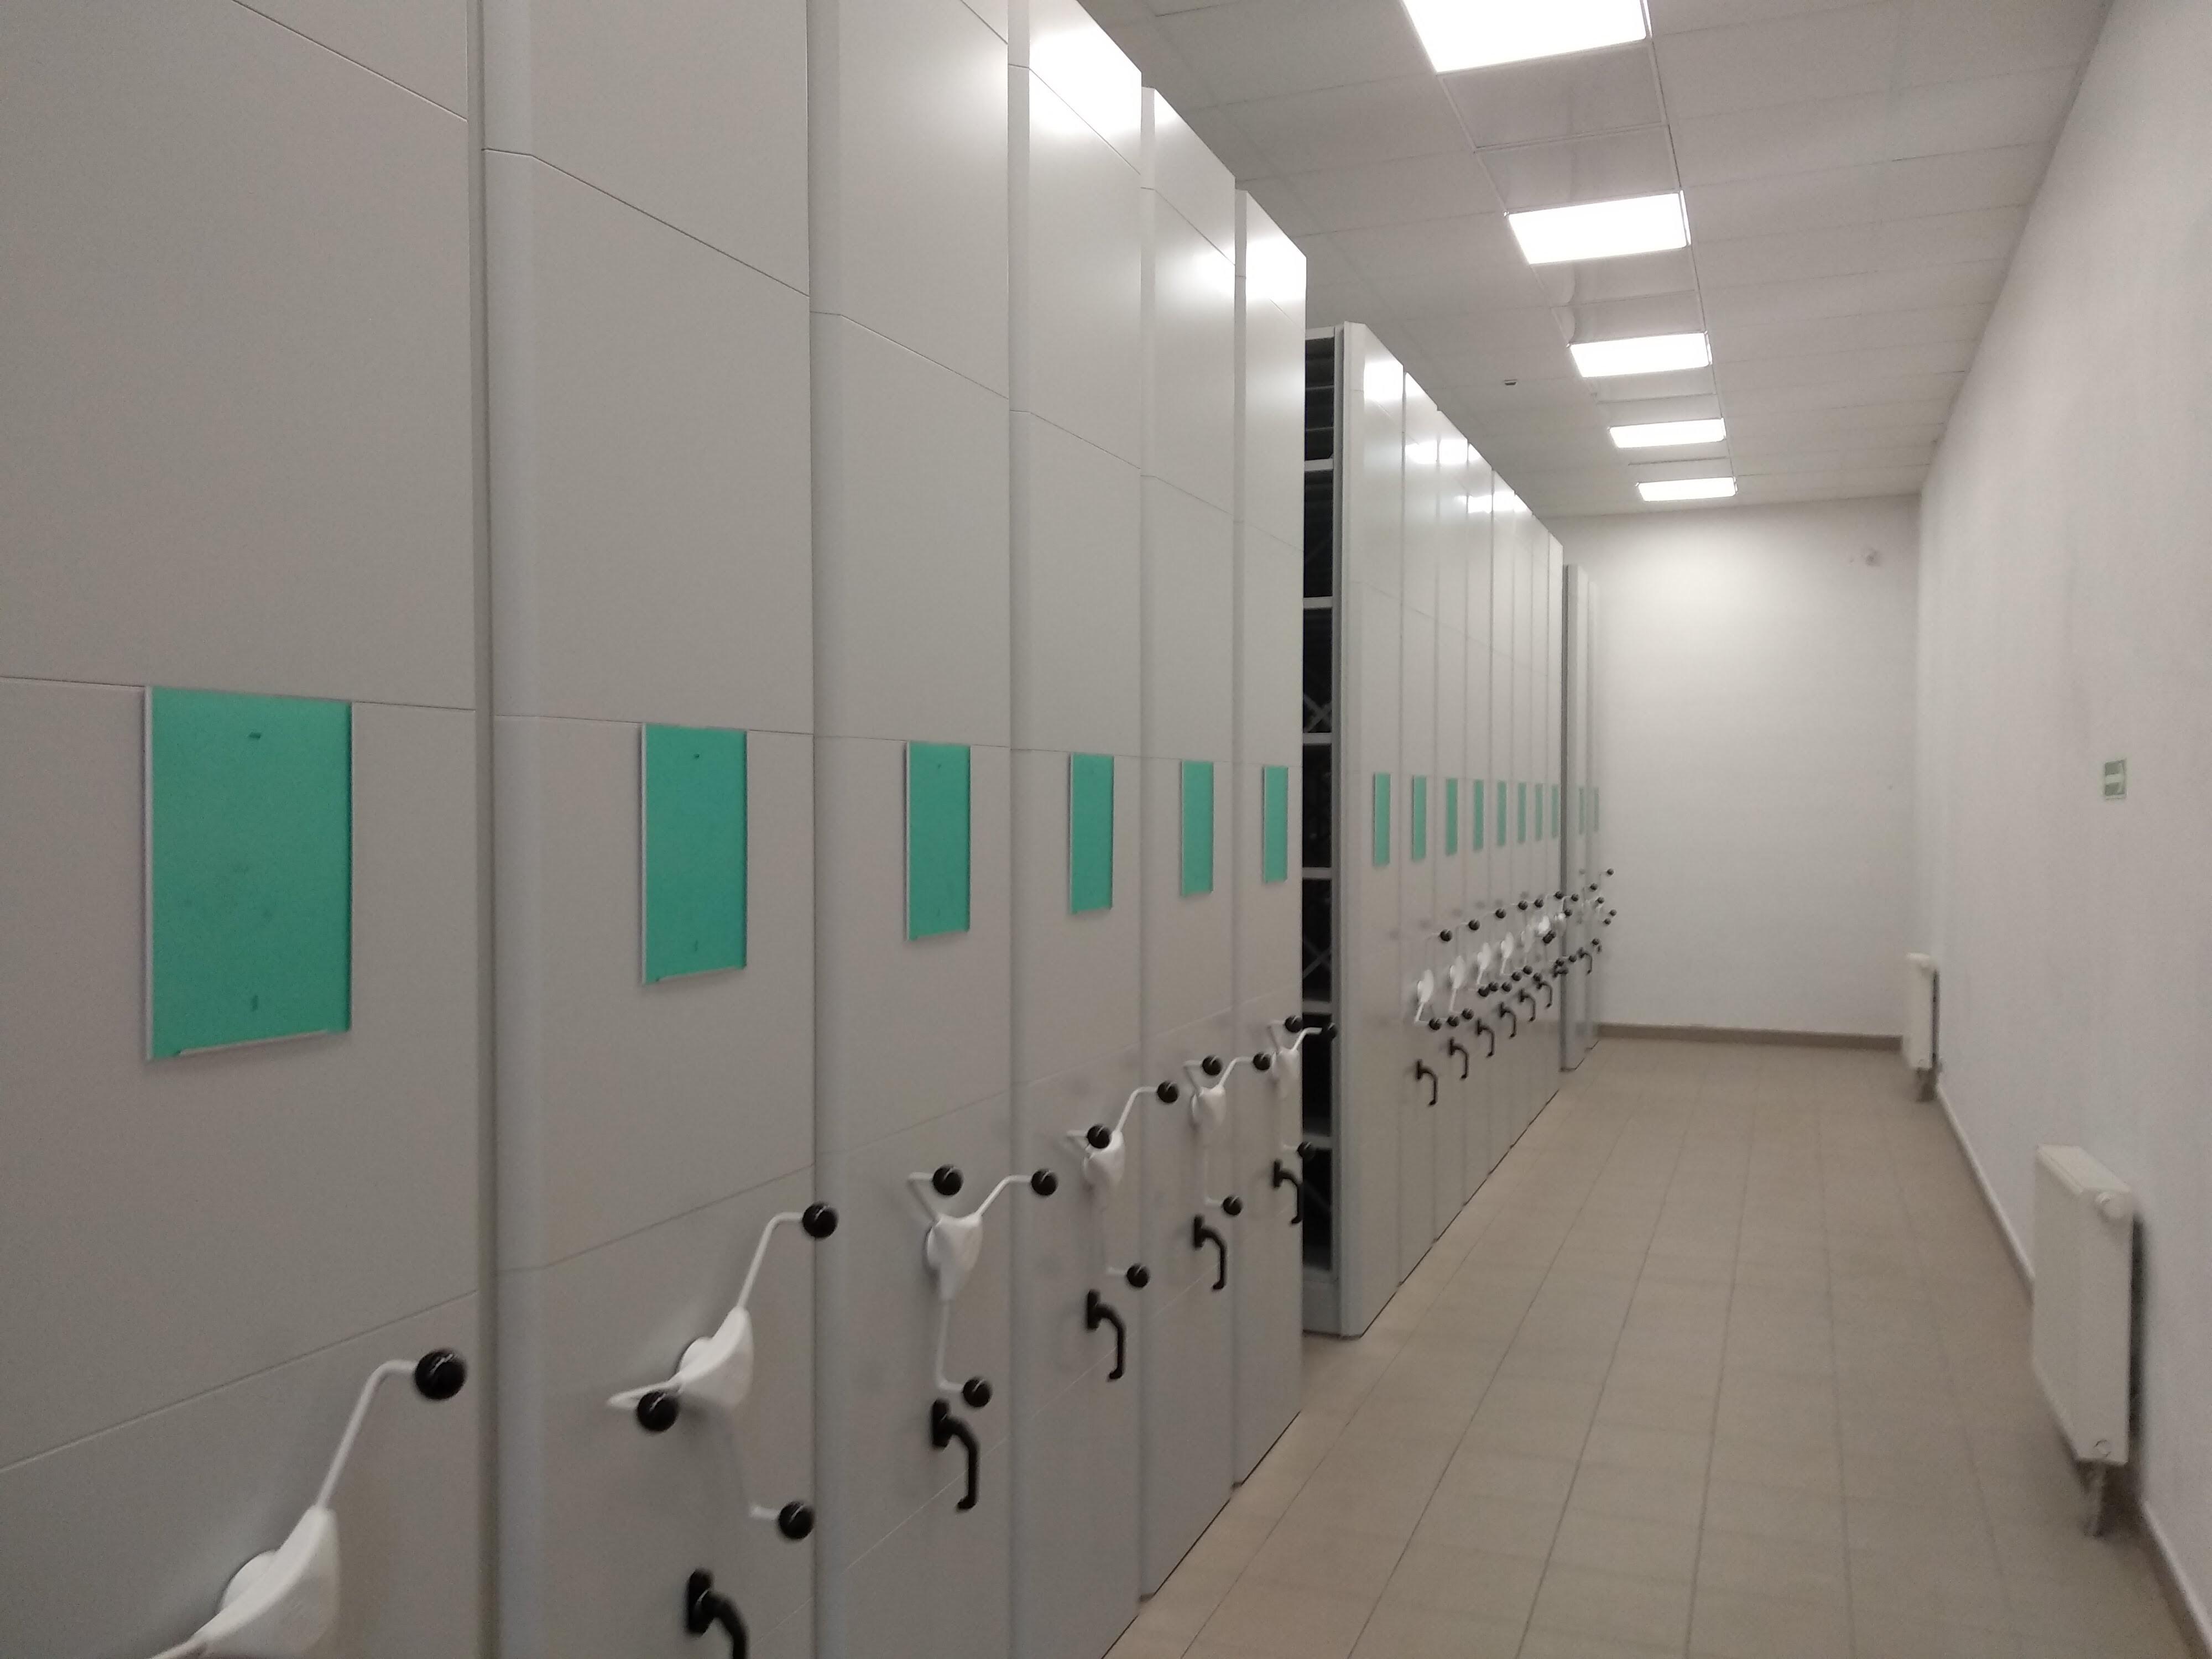 Rejestracja temperatury i wilgotności w archiwum